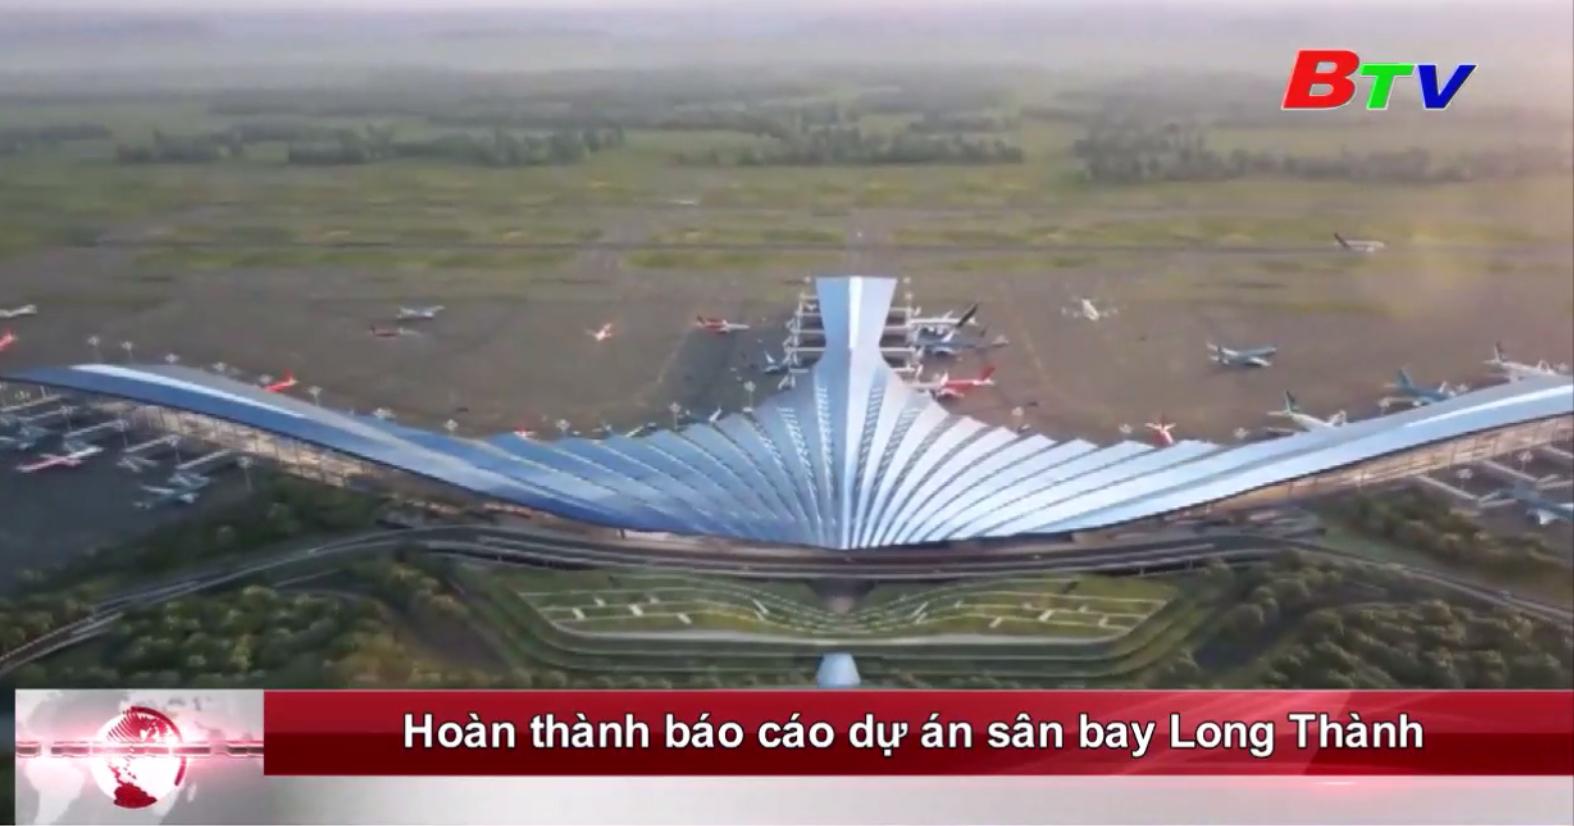 Hoàn thành báo cáo dự án sân bay Long Thành